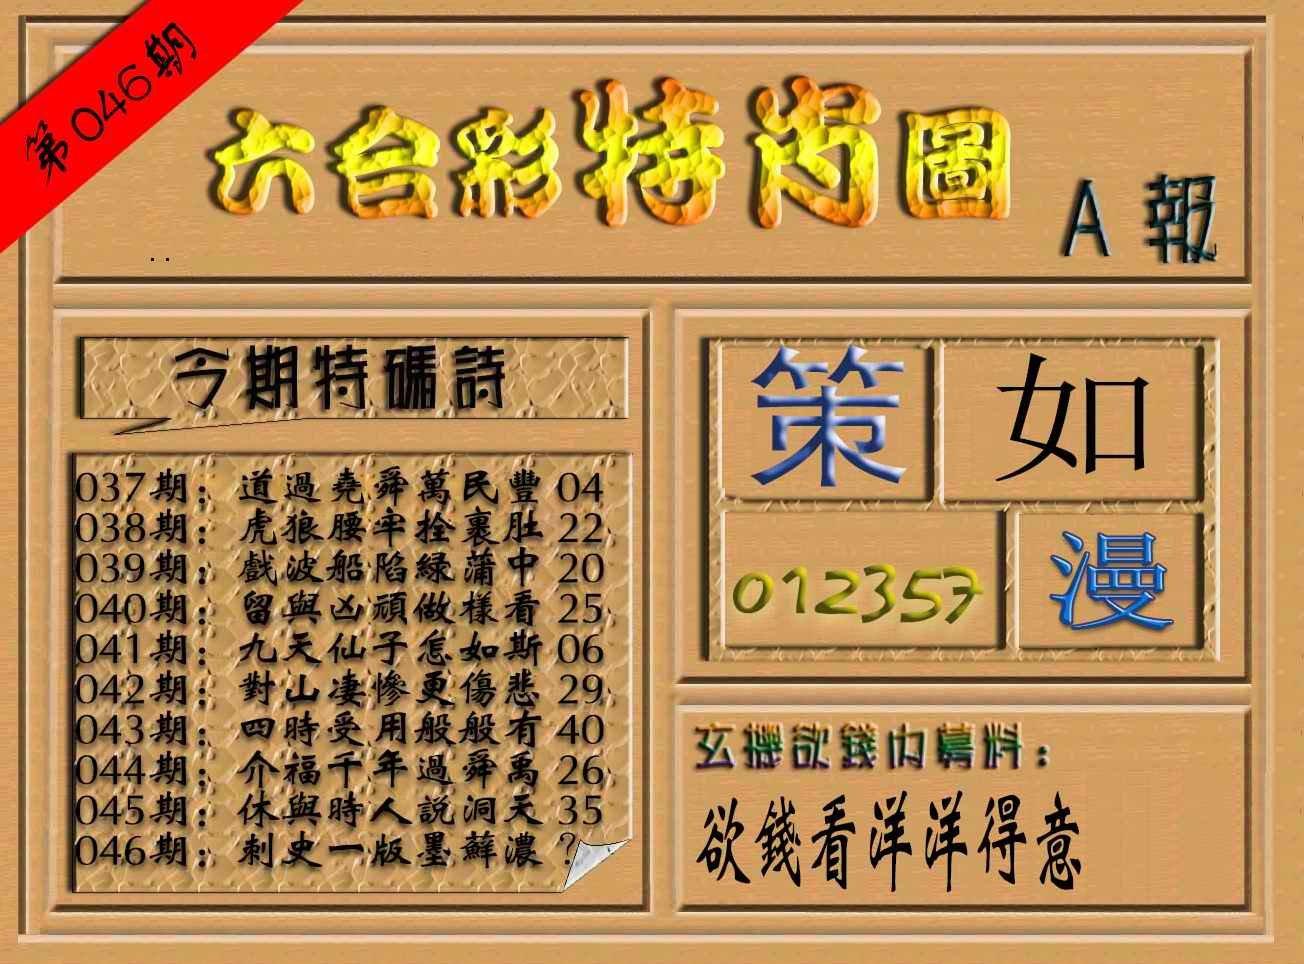 046期六合彩特肖图(A报)